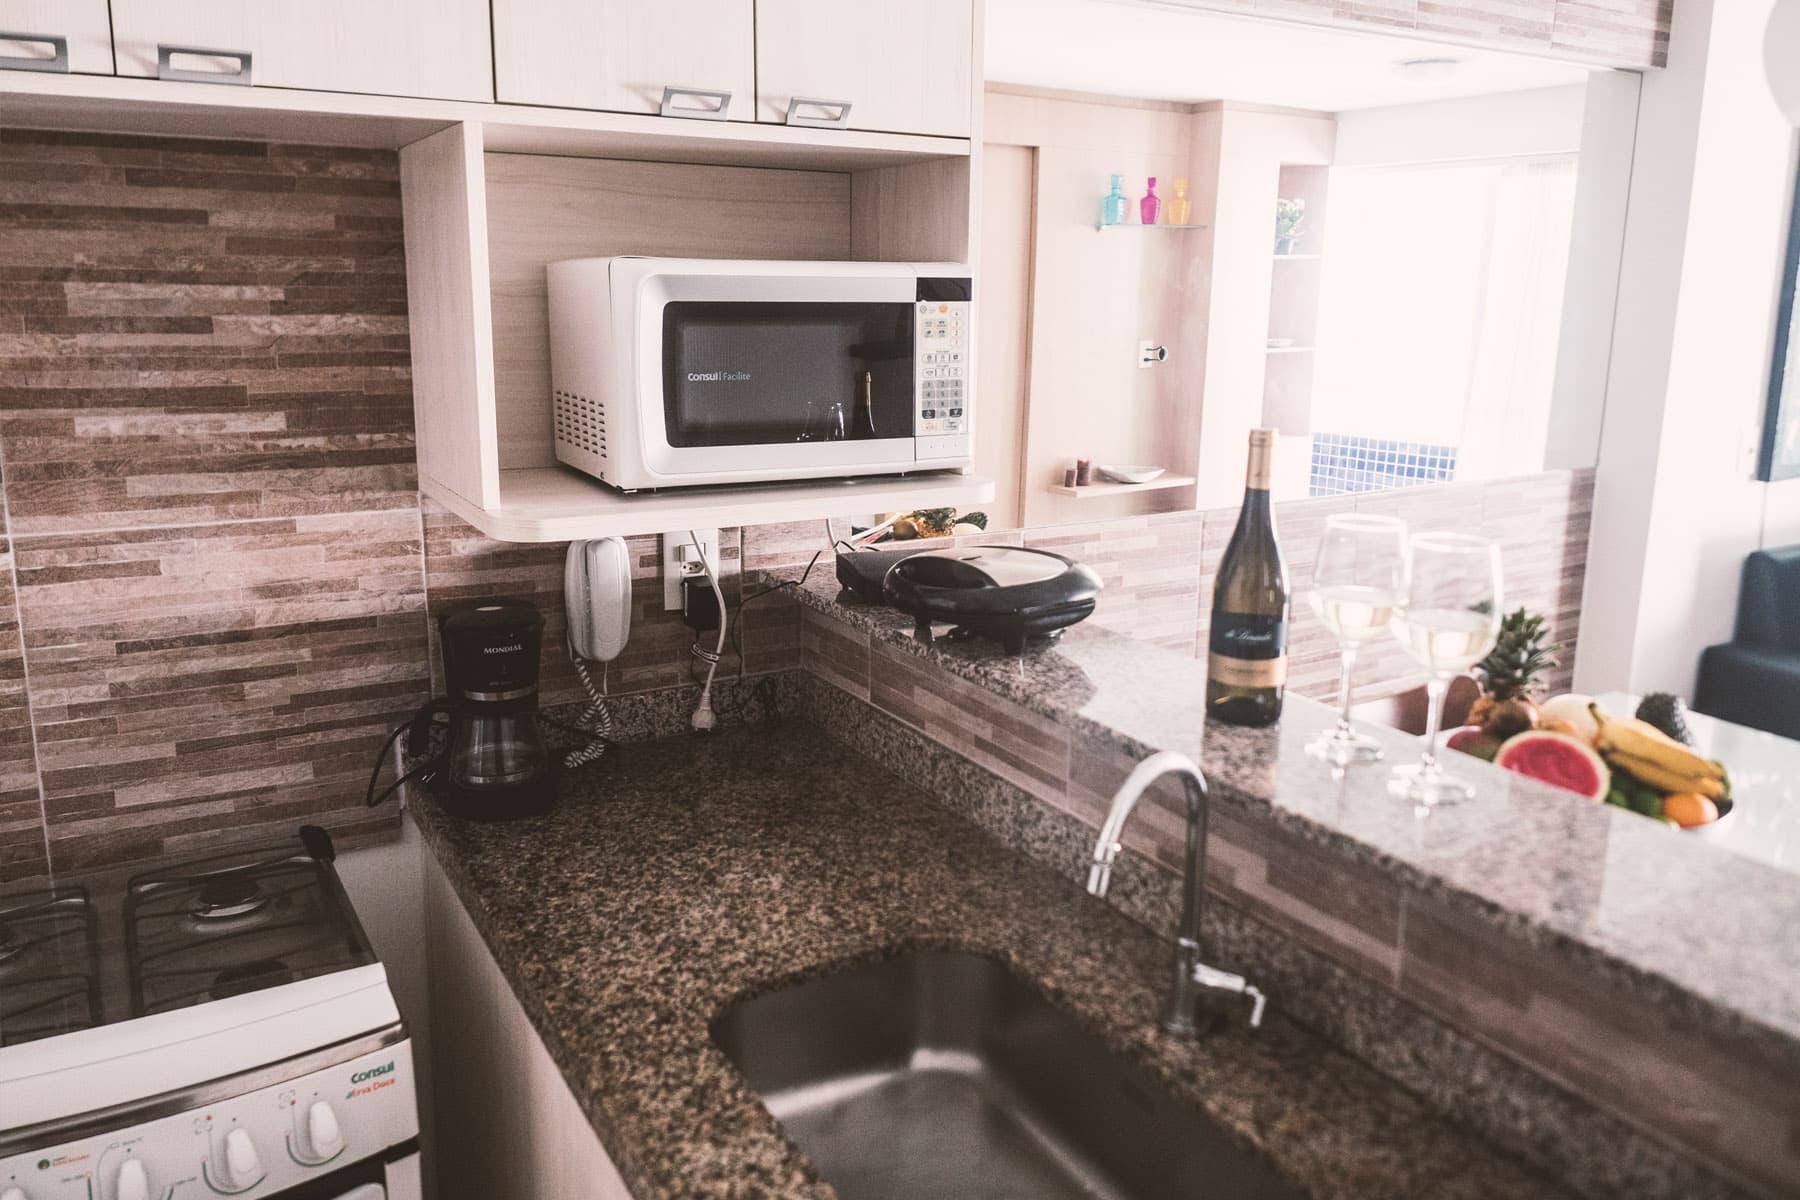 Cucina - Appartamento Beach Class - Fortaleza - Brasile